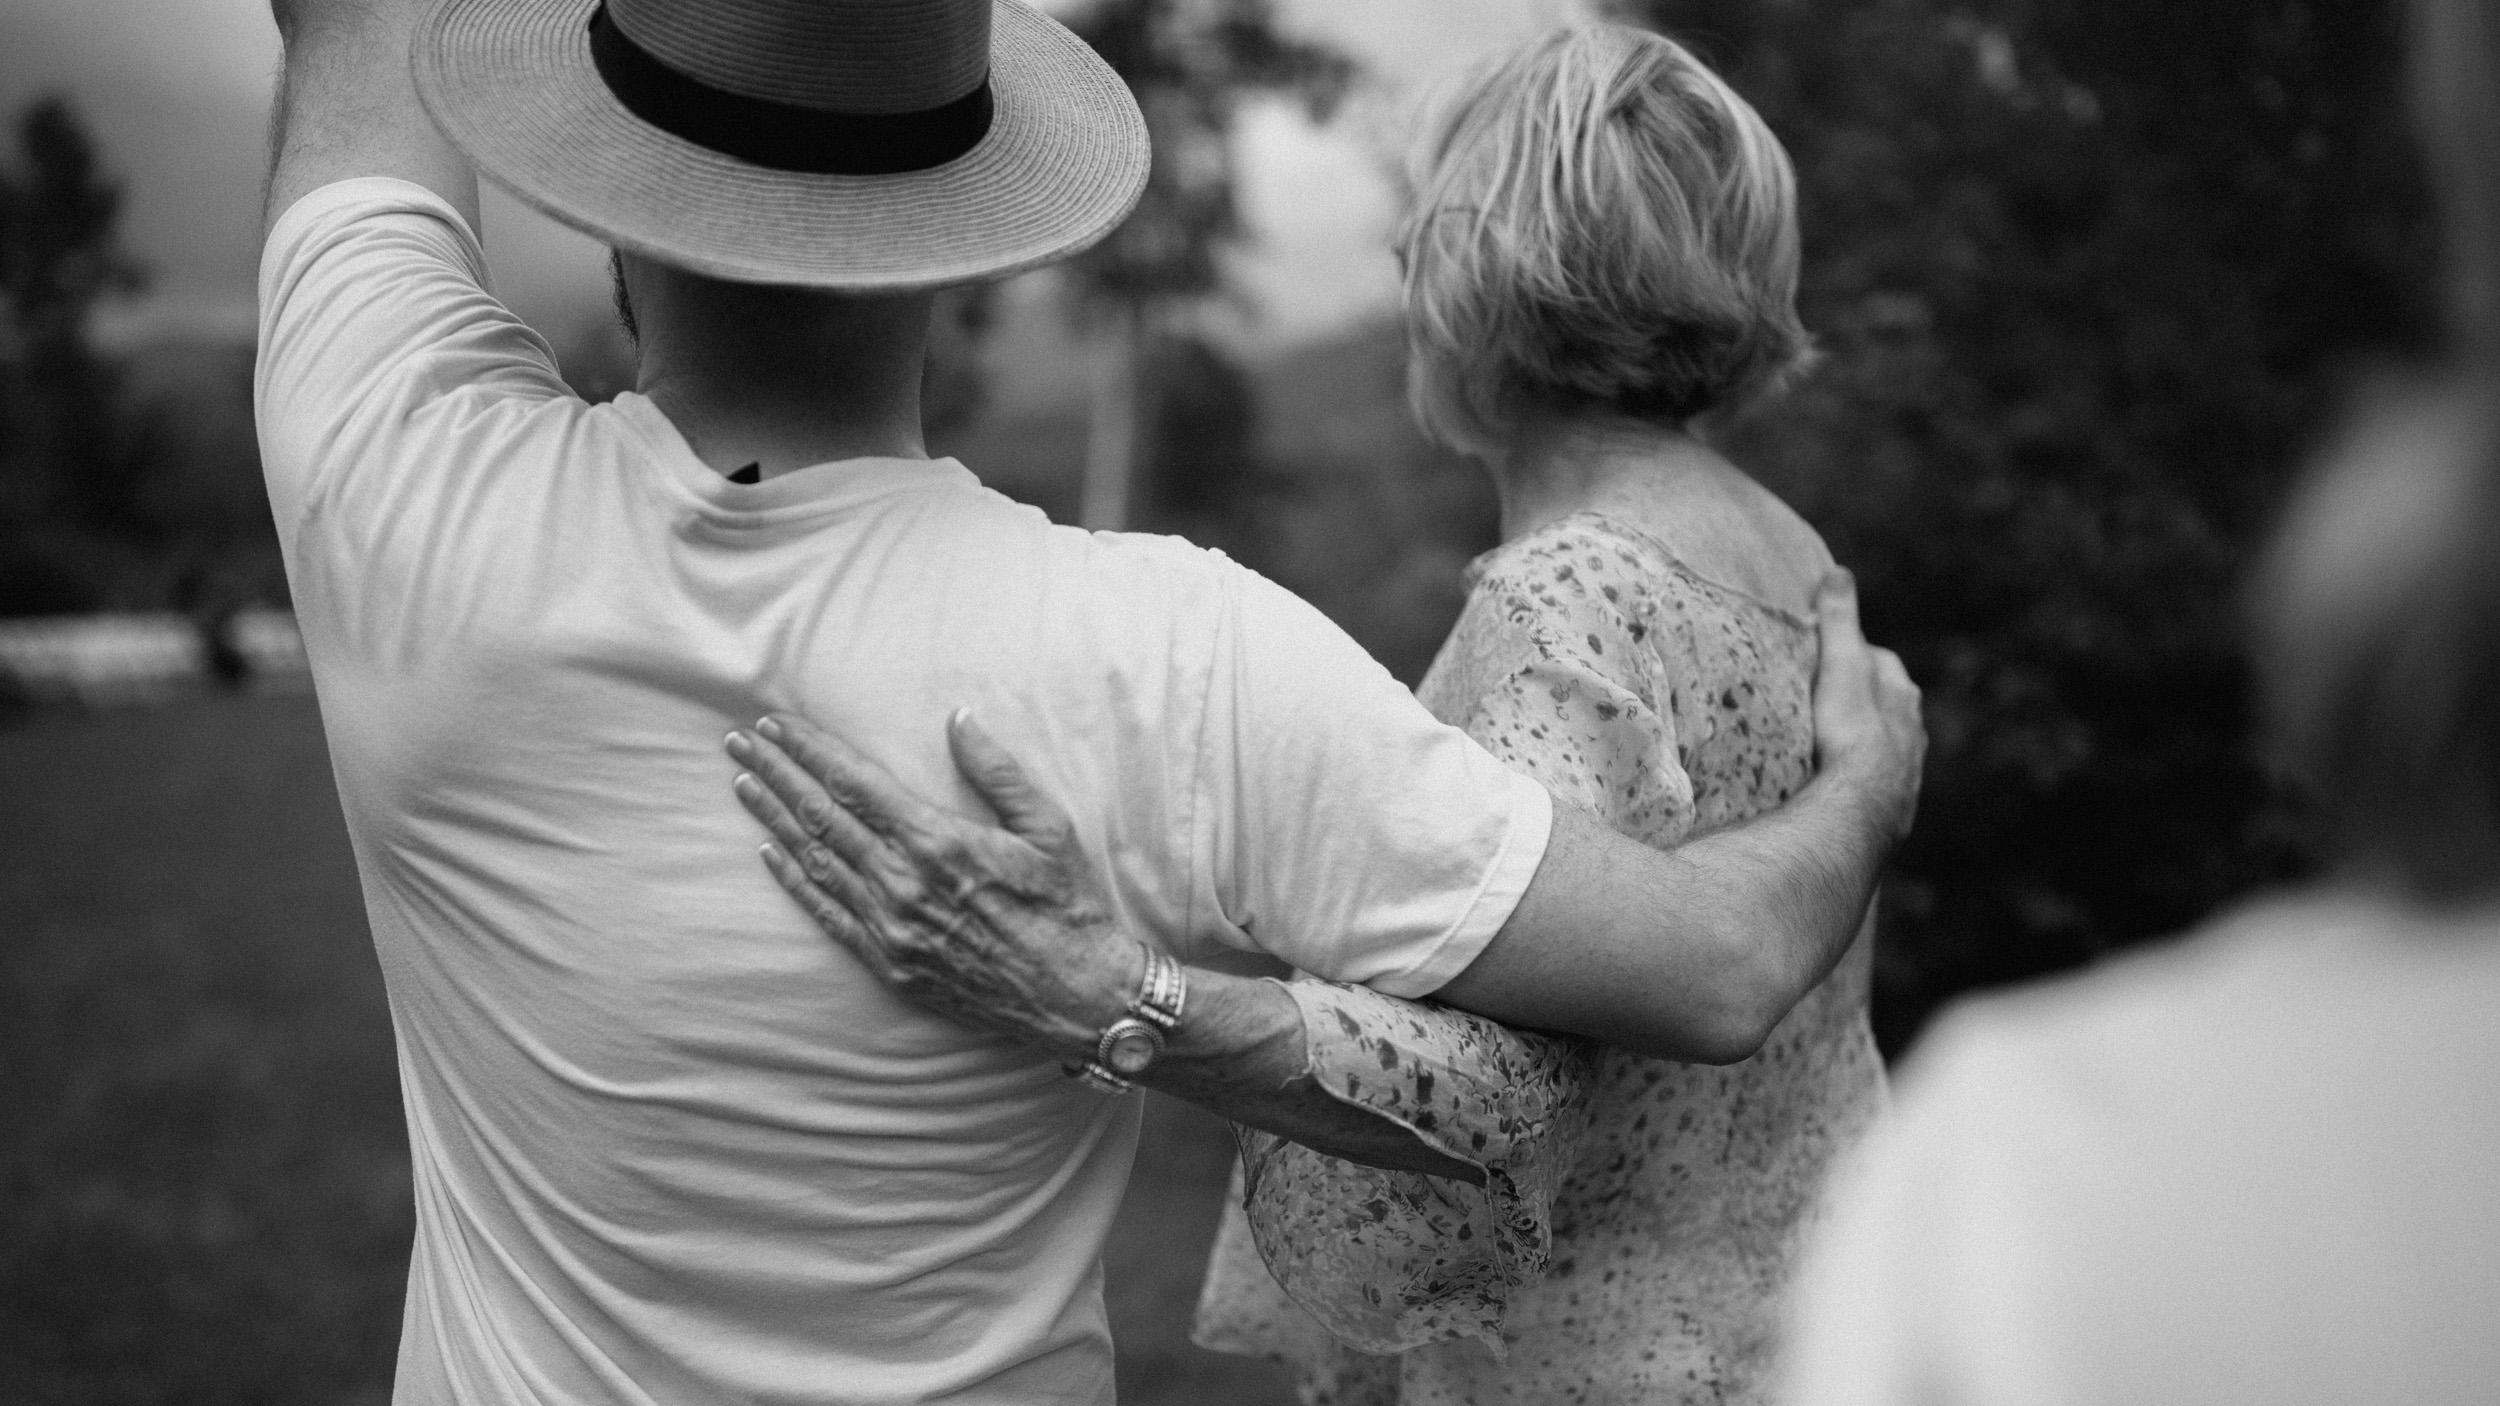 alec_vanderboom_vermont_wedding_photography-0005.jpg